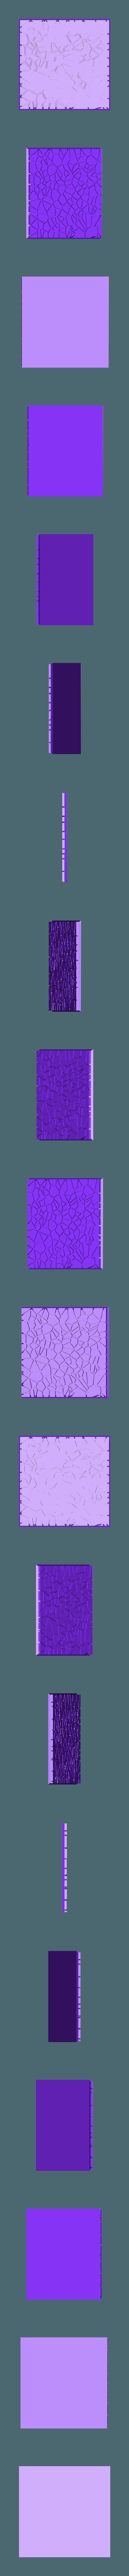 Cracked_Paving__80mm_square_1.stl Télécharger fichier STL gratuit Dallage fissuré / Bases carrées à effet de lave pour la saga Dungeon, Kingd of war, Warhammer fantasy battle etc • Objet imprimable en 3D, redstarkits